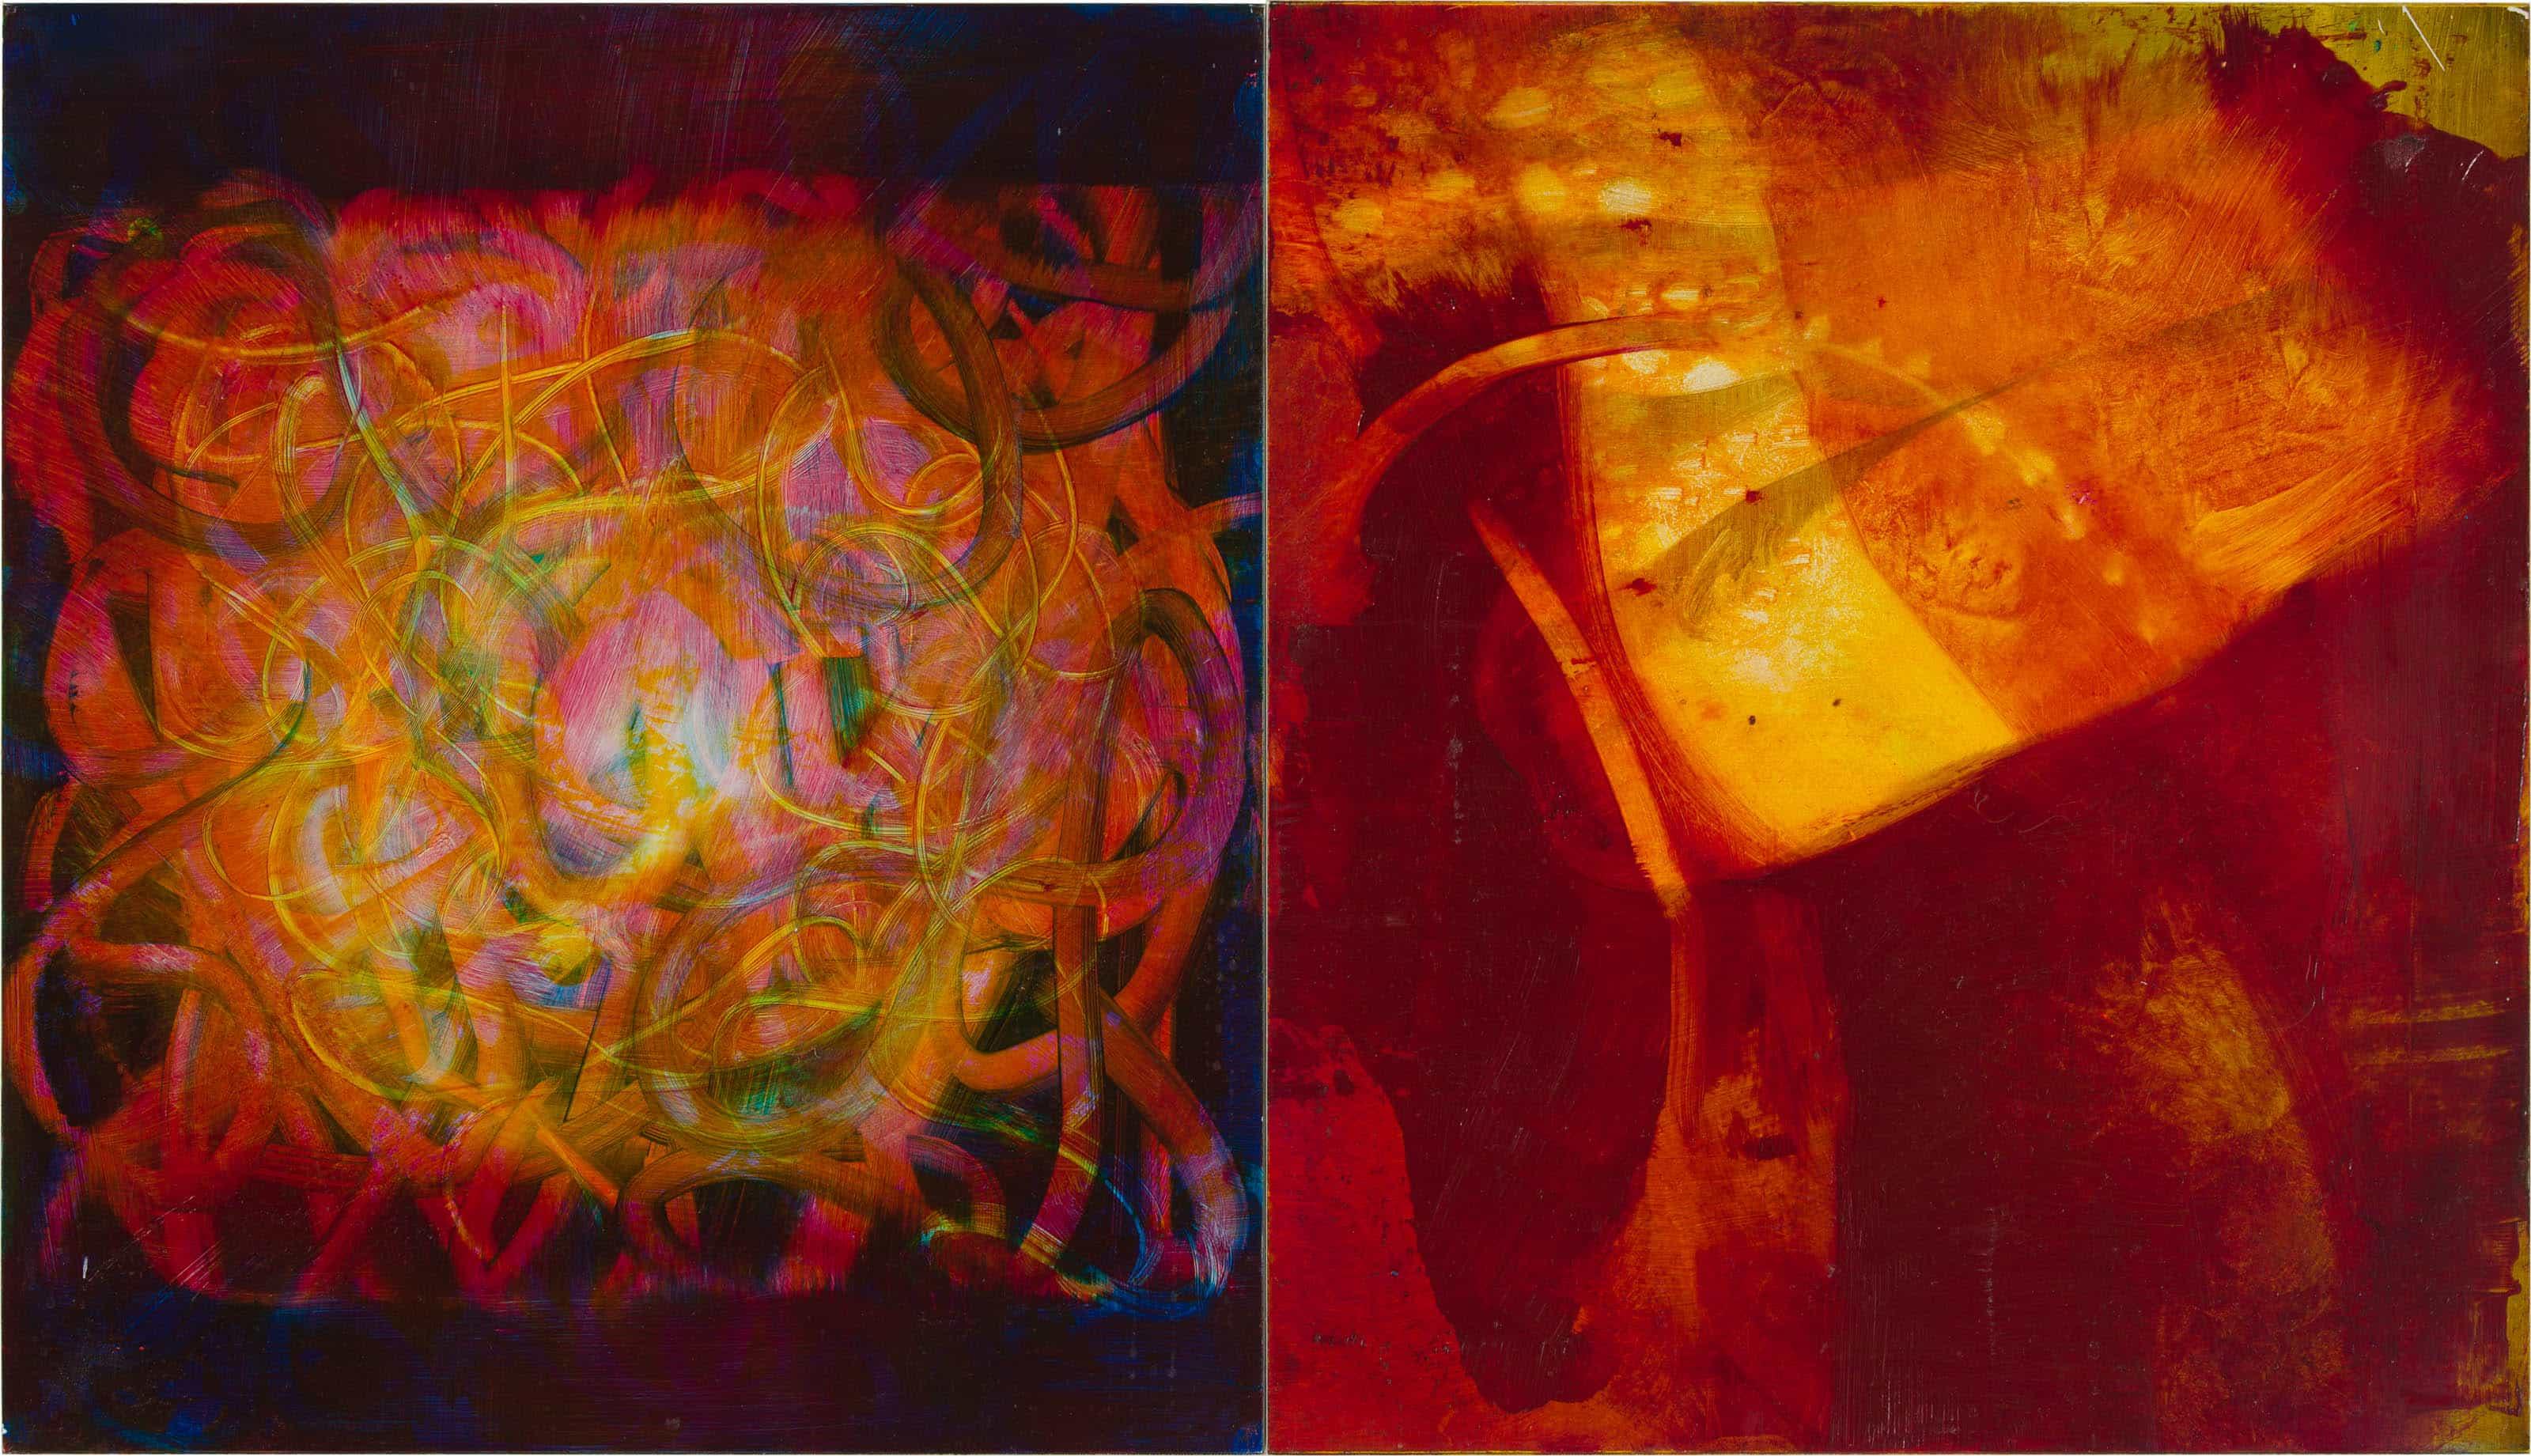 Nr.2 | 67 x 39 cm | z.t. |olieverf | 2 panelen | 2016